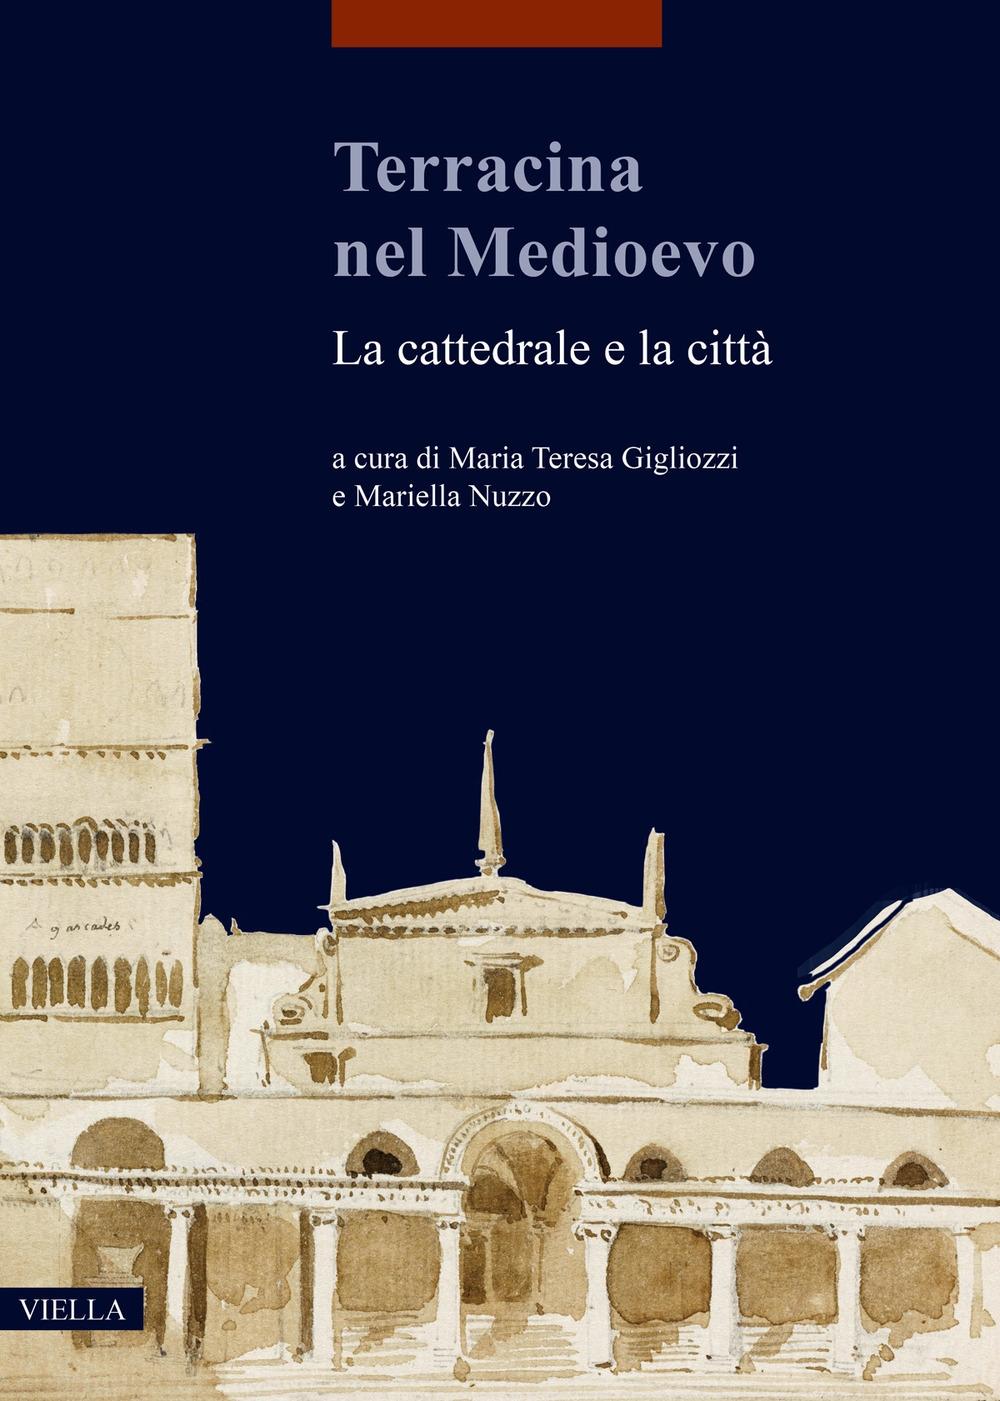 Terracina nel Medioevo: la città e la cattedrale